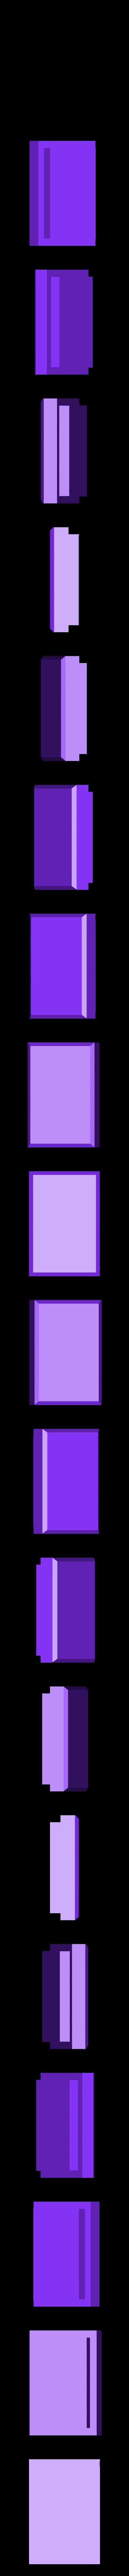 BlockBack10_03.stl Download STL file Playing Card Tiles • Object to 3D print, Jinja